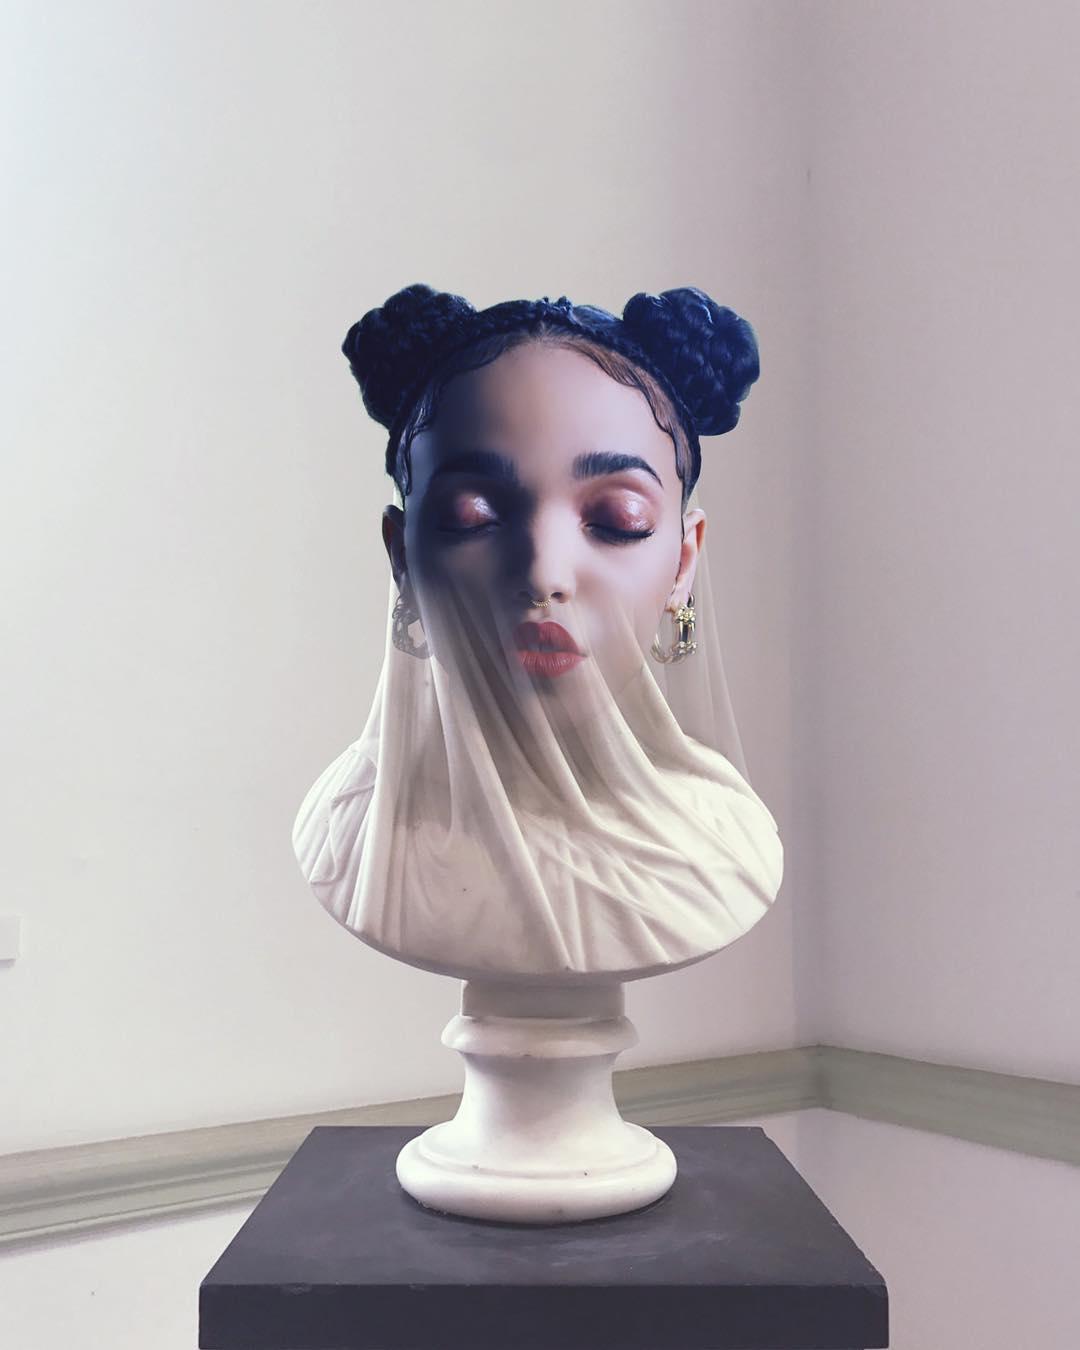 fkatwigs twigs slimesunday buste marbre - Focus sur les effets digitaux et les larmes fluos de Slime Sunday